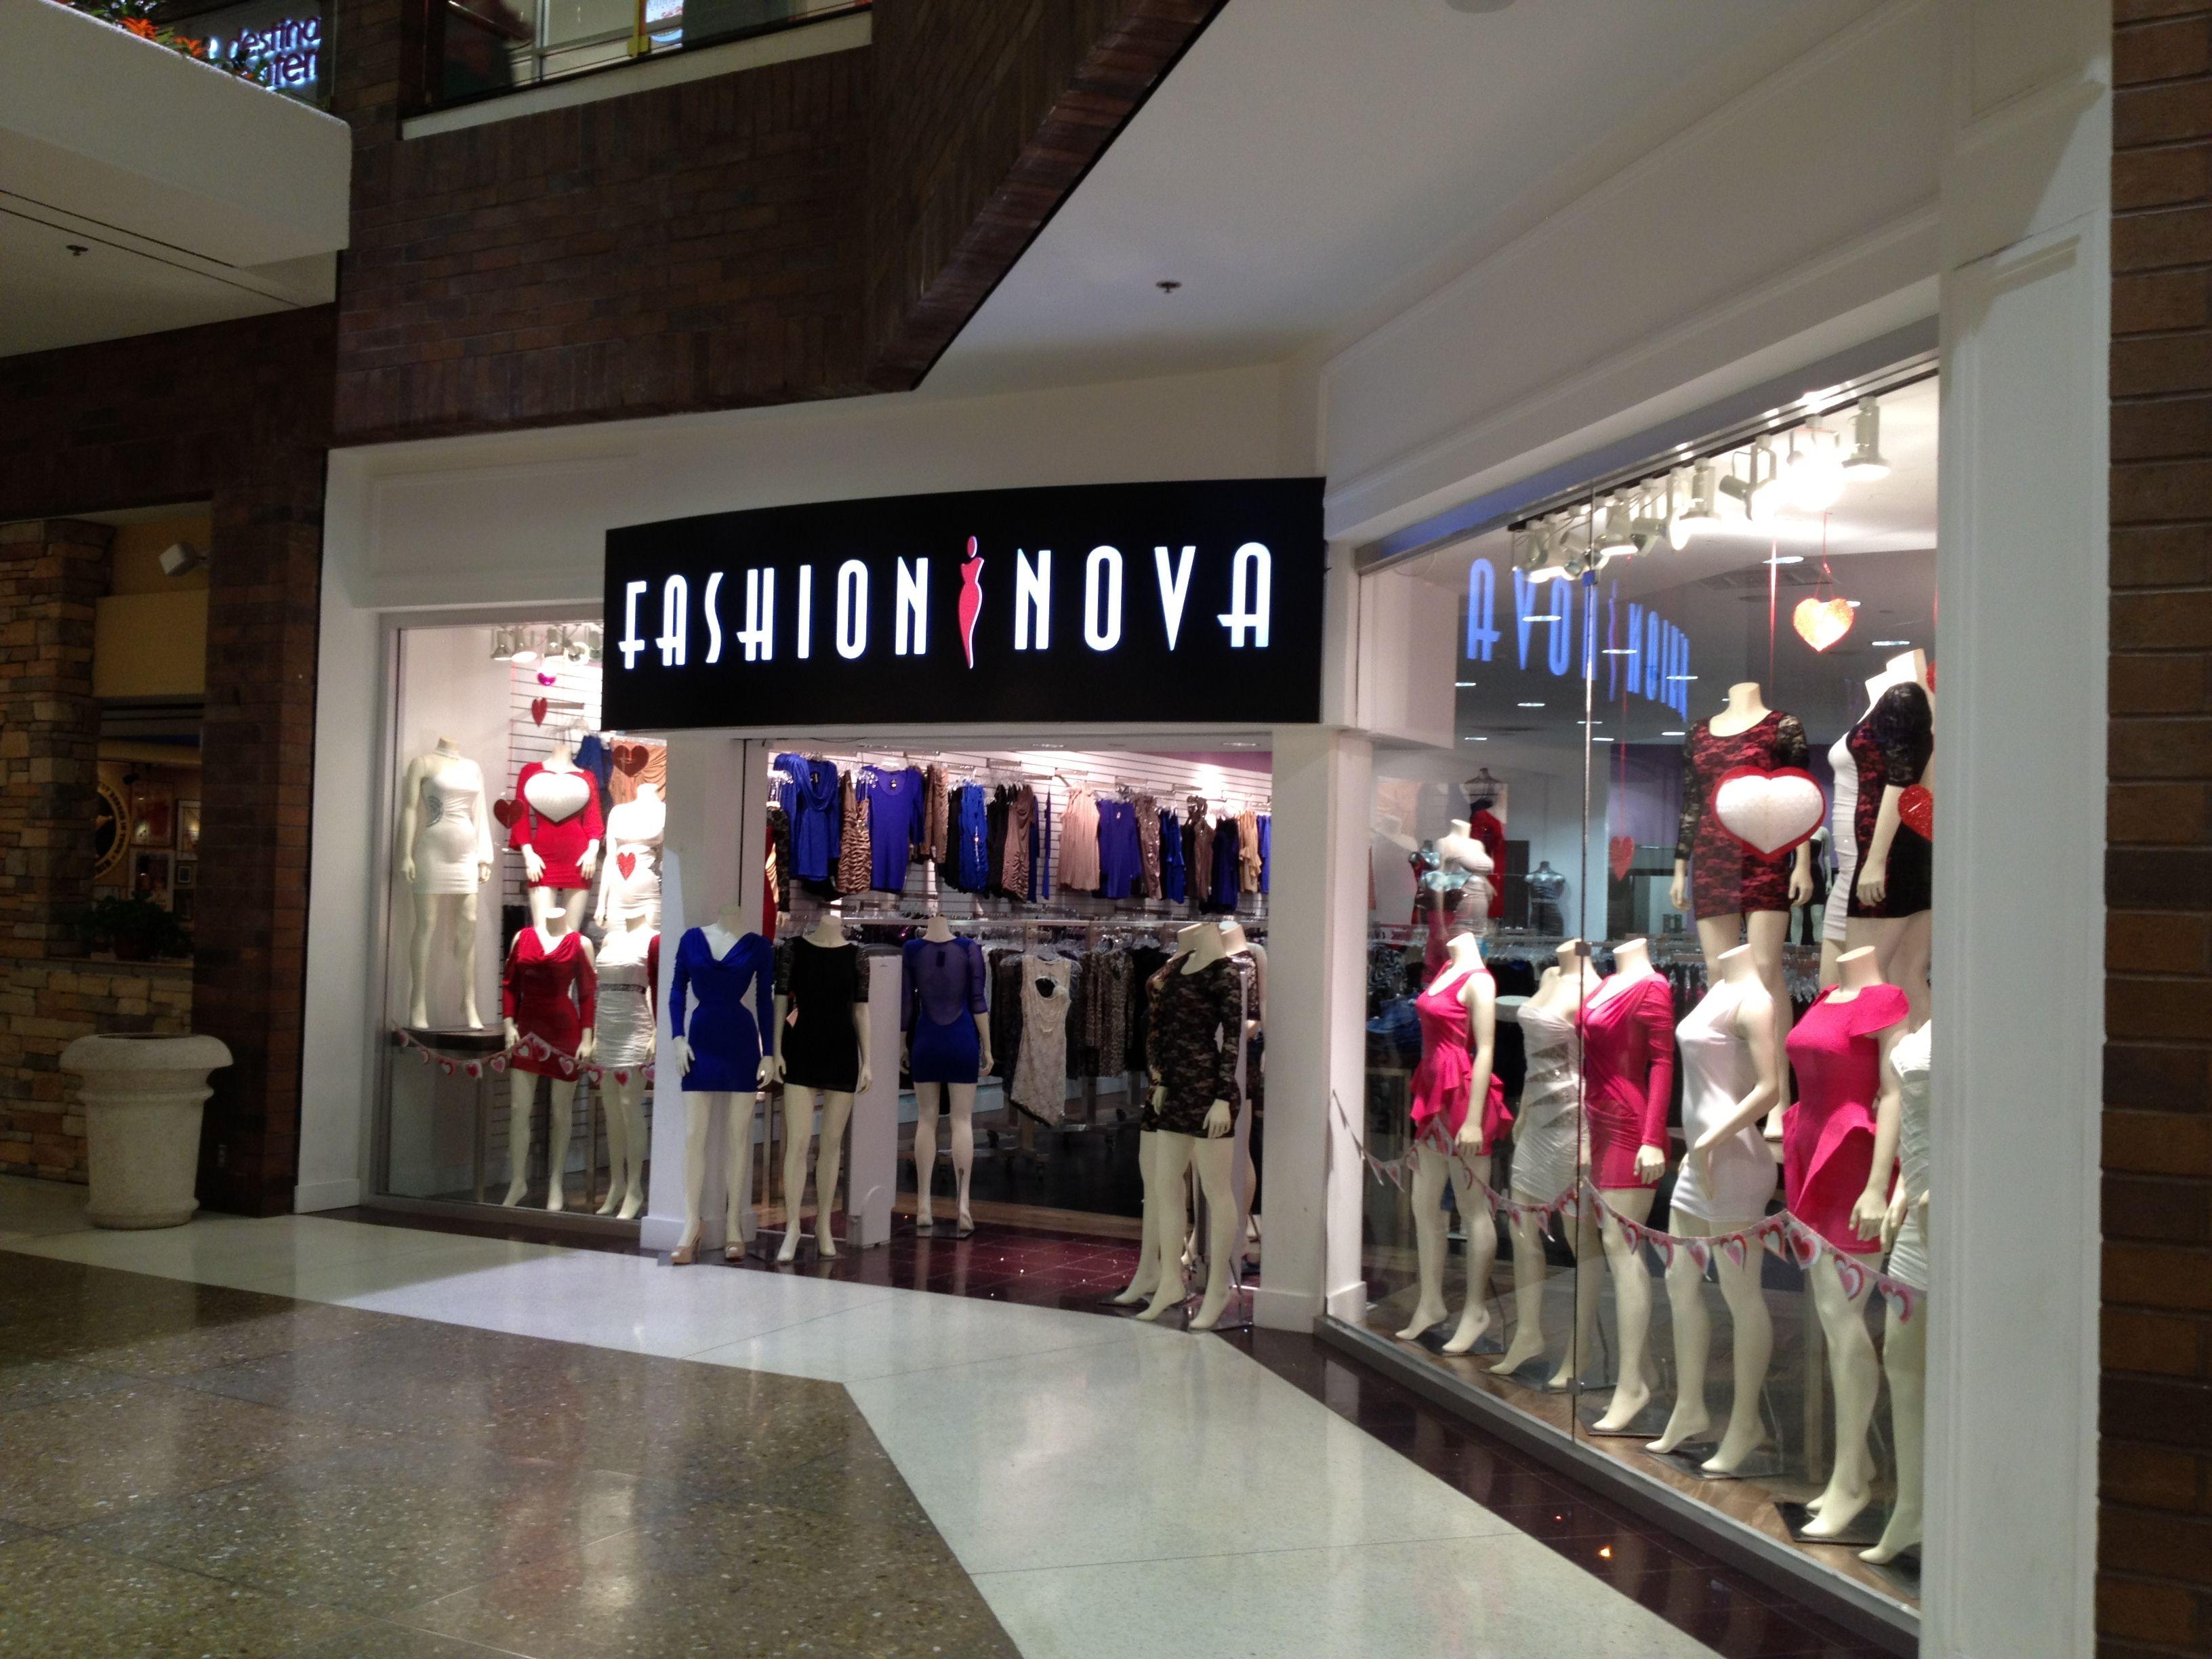 Fashion Nova INC Glendale CA 91210 CLOSED